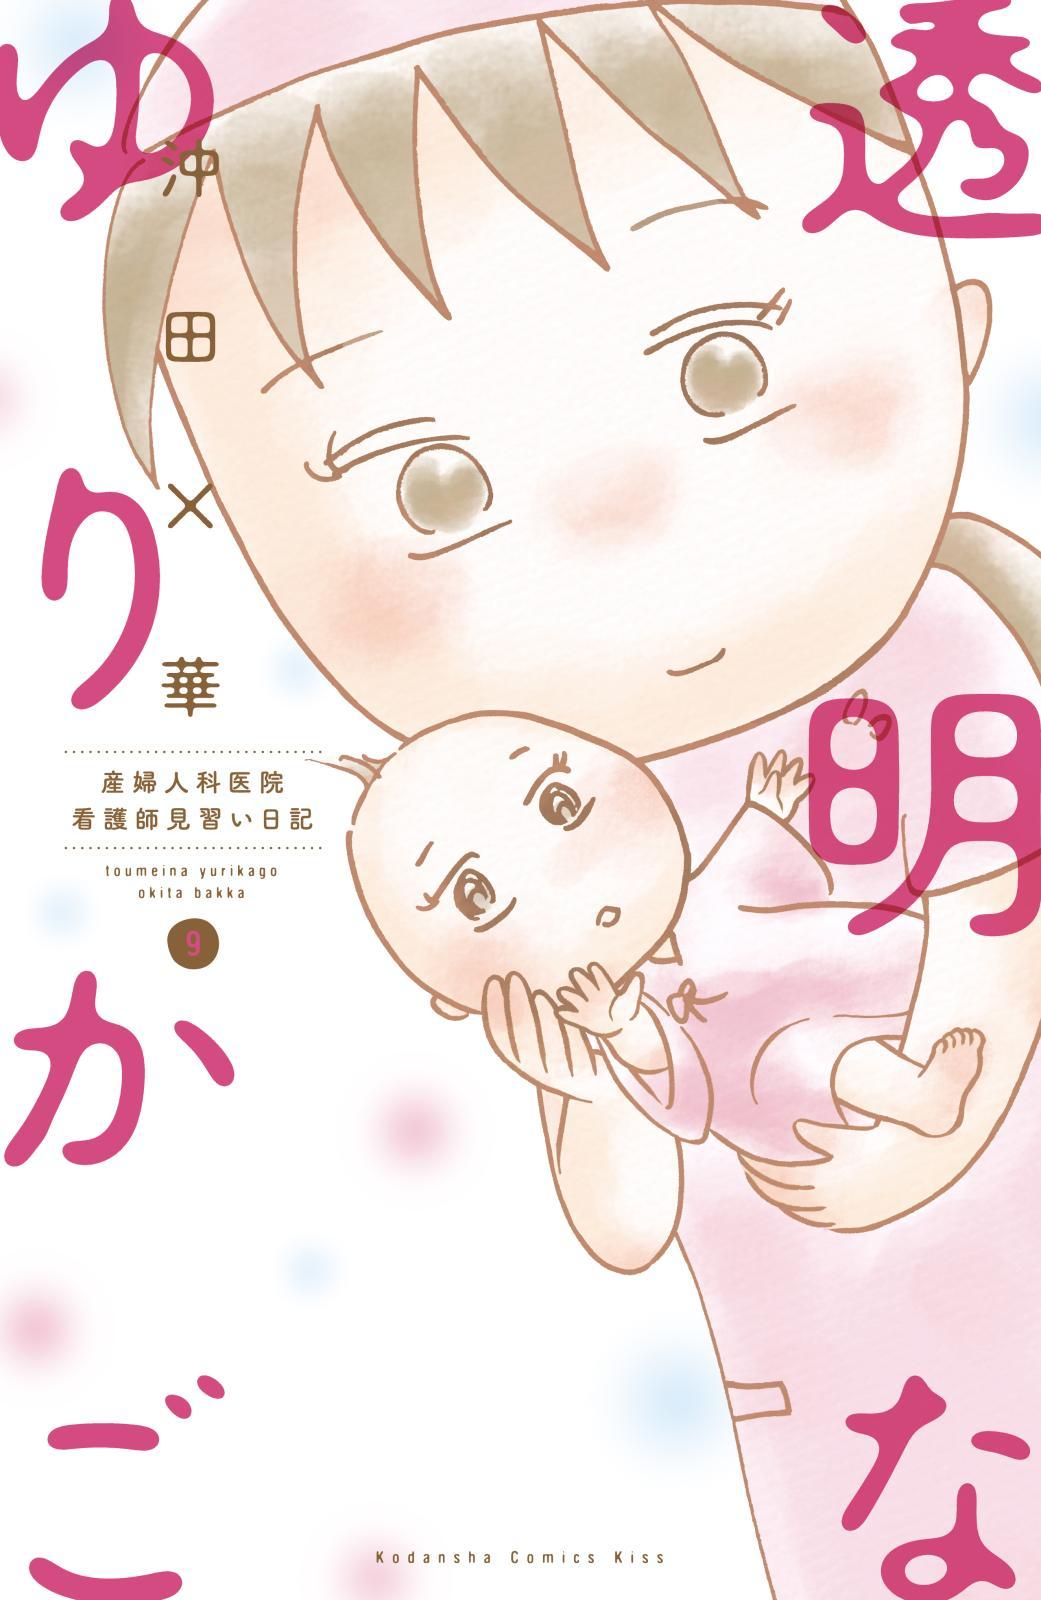 透明なゆりかご 産婦人科医院看護師見習い日記(9)